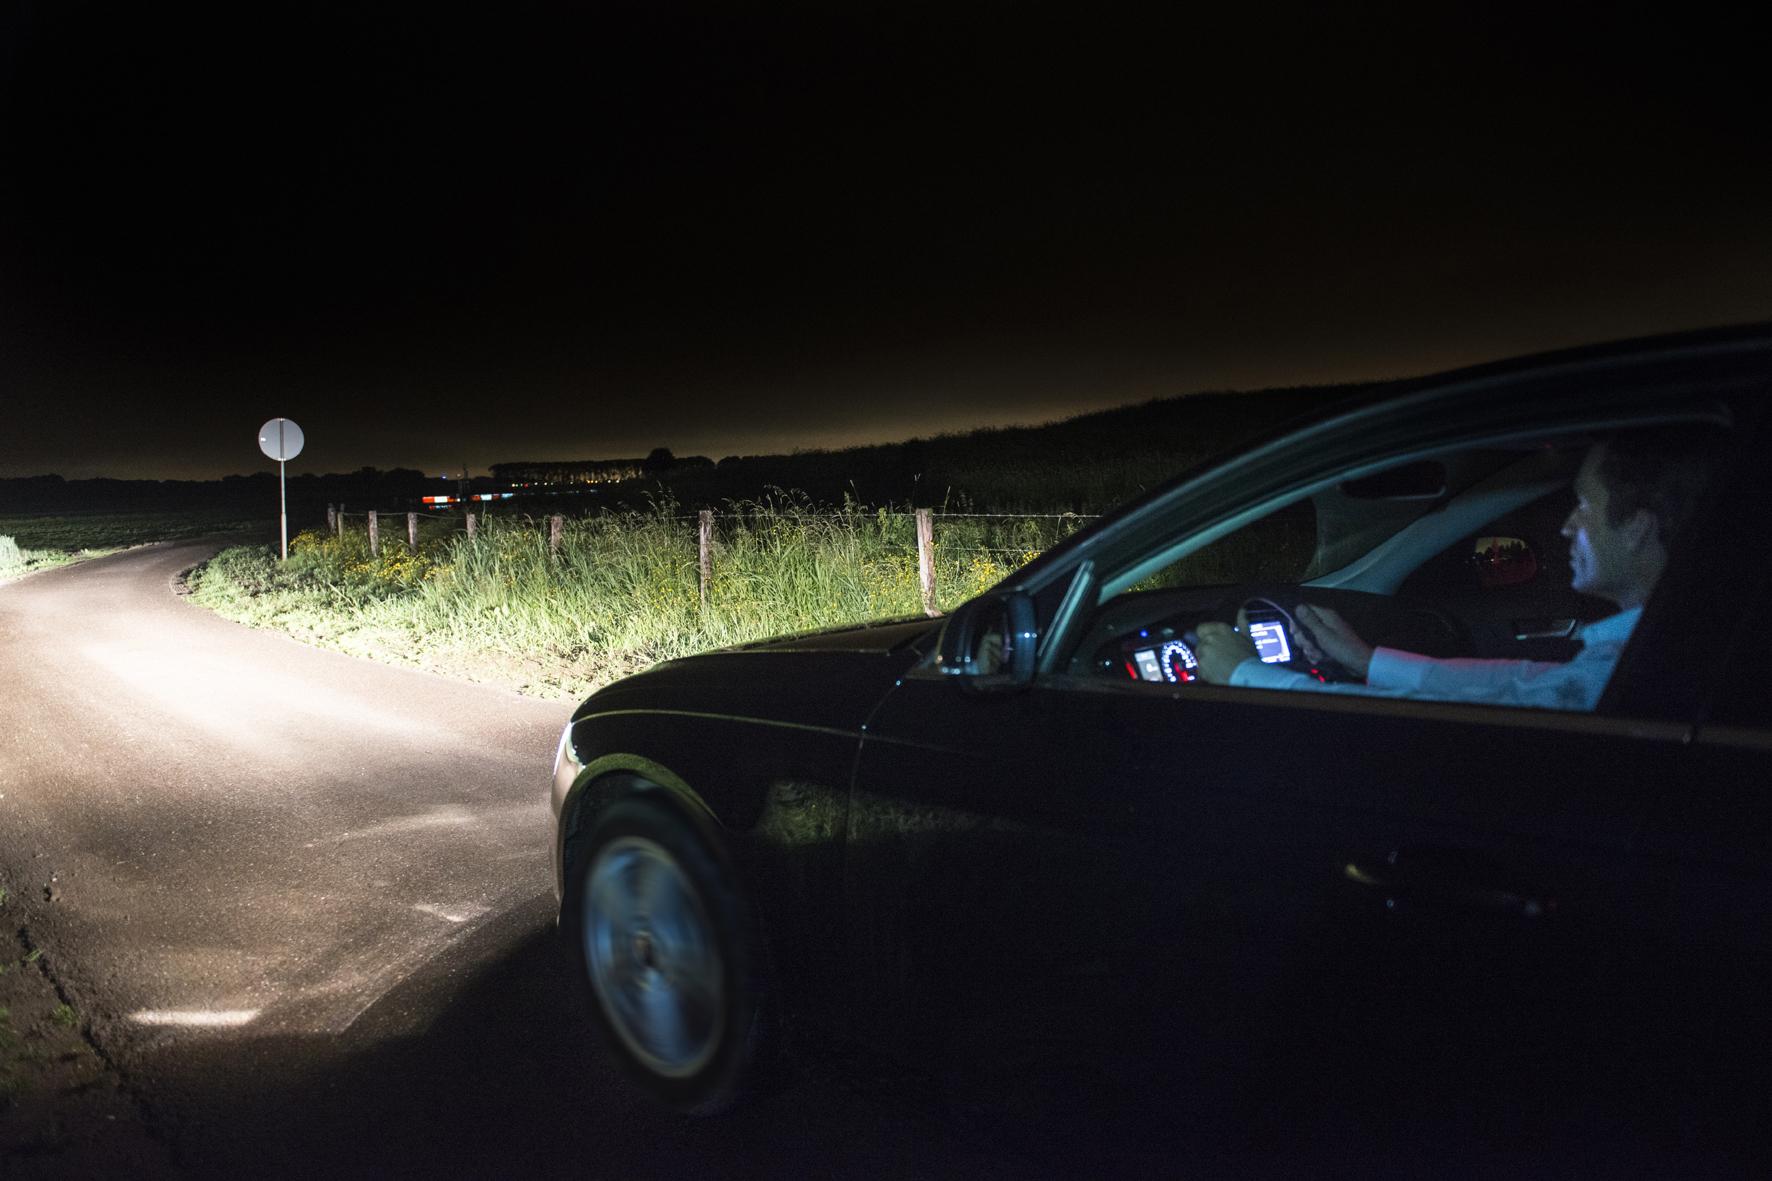 mid Groß-Gerau - Die Leuchtkraft der Auto-Scheinwerfer wird immer besser. Doch die Forscher legen die Messlatte ständig höher. Und das ist gut so: Denn gute Scheinwerfer sind eine Art Lebensversicherung für Autofahrer.